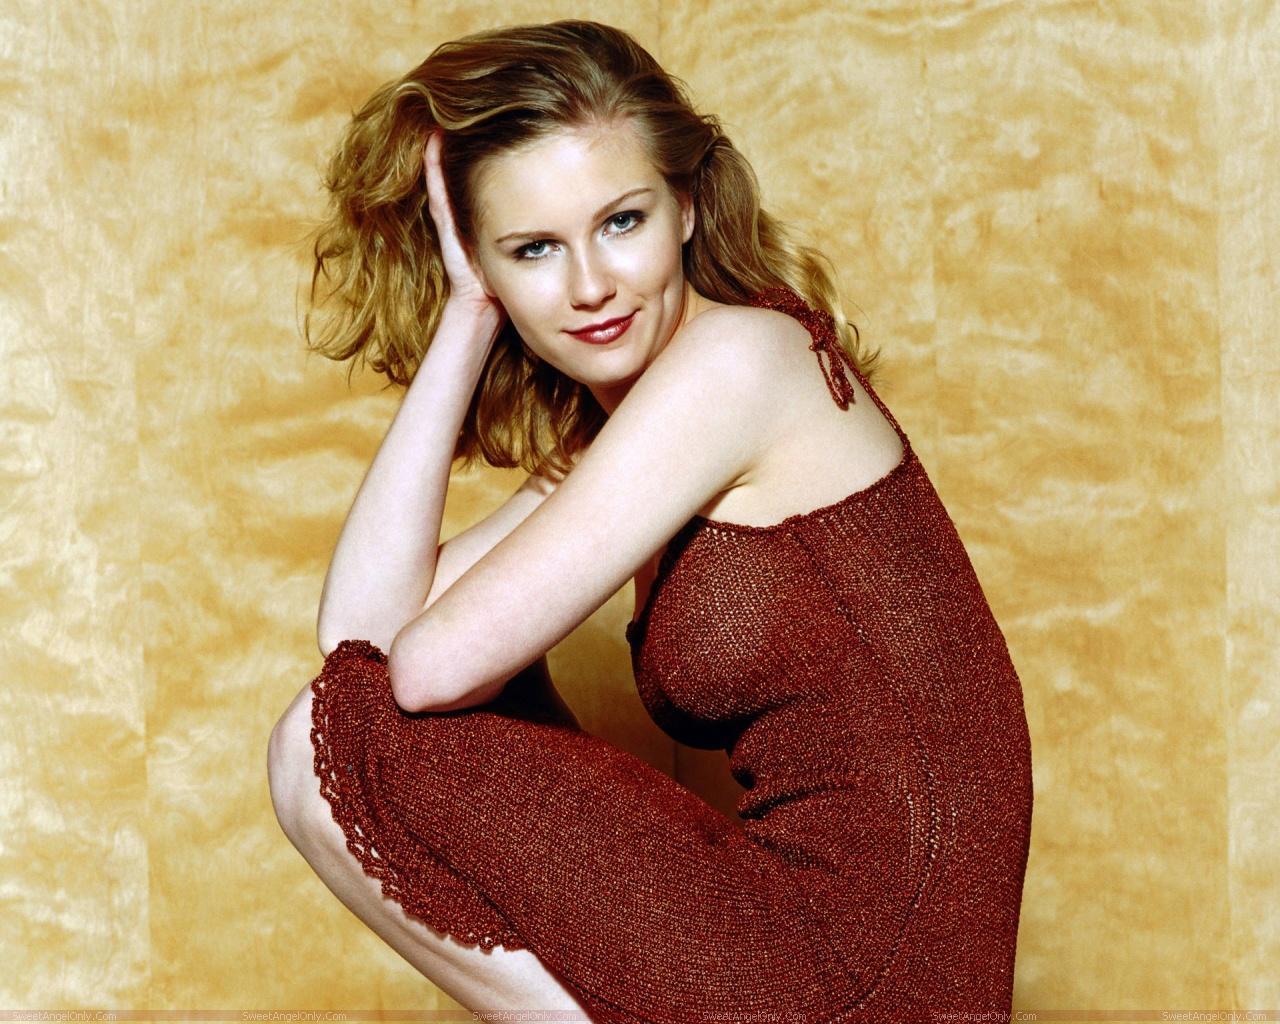 http://3.bp.blogspot.com/-E6eXXjGT_ws/TX4JiBIyWhI/AAAAAAAAFiU/S4yNwUNxsUs/s1600/actress_kirsten_dunst_hot_wallpaper_sweetangelonly_28.jpg